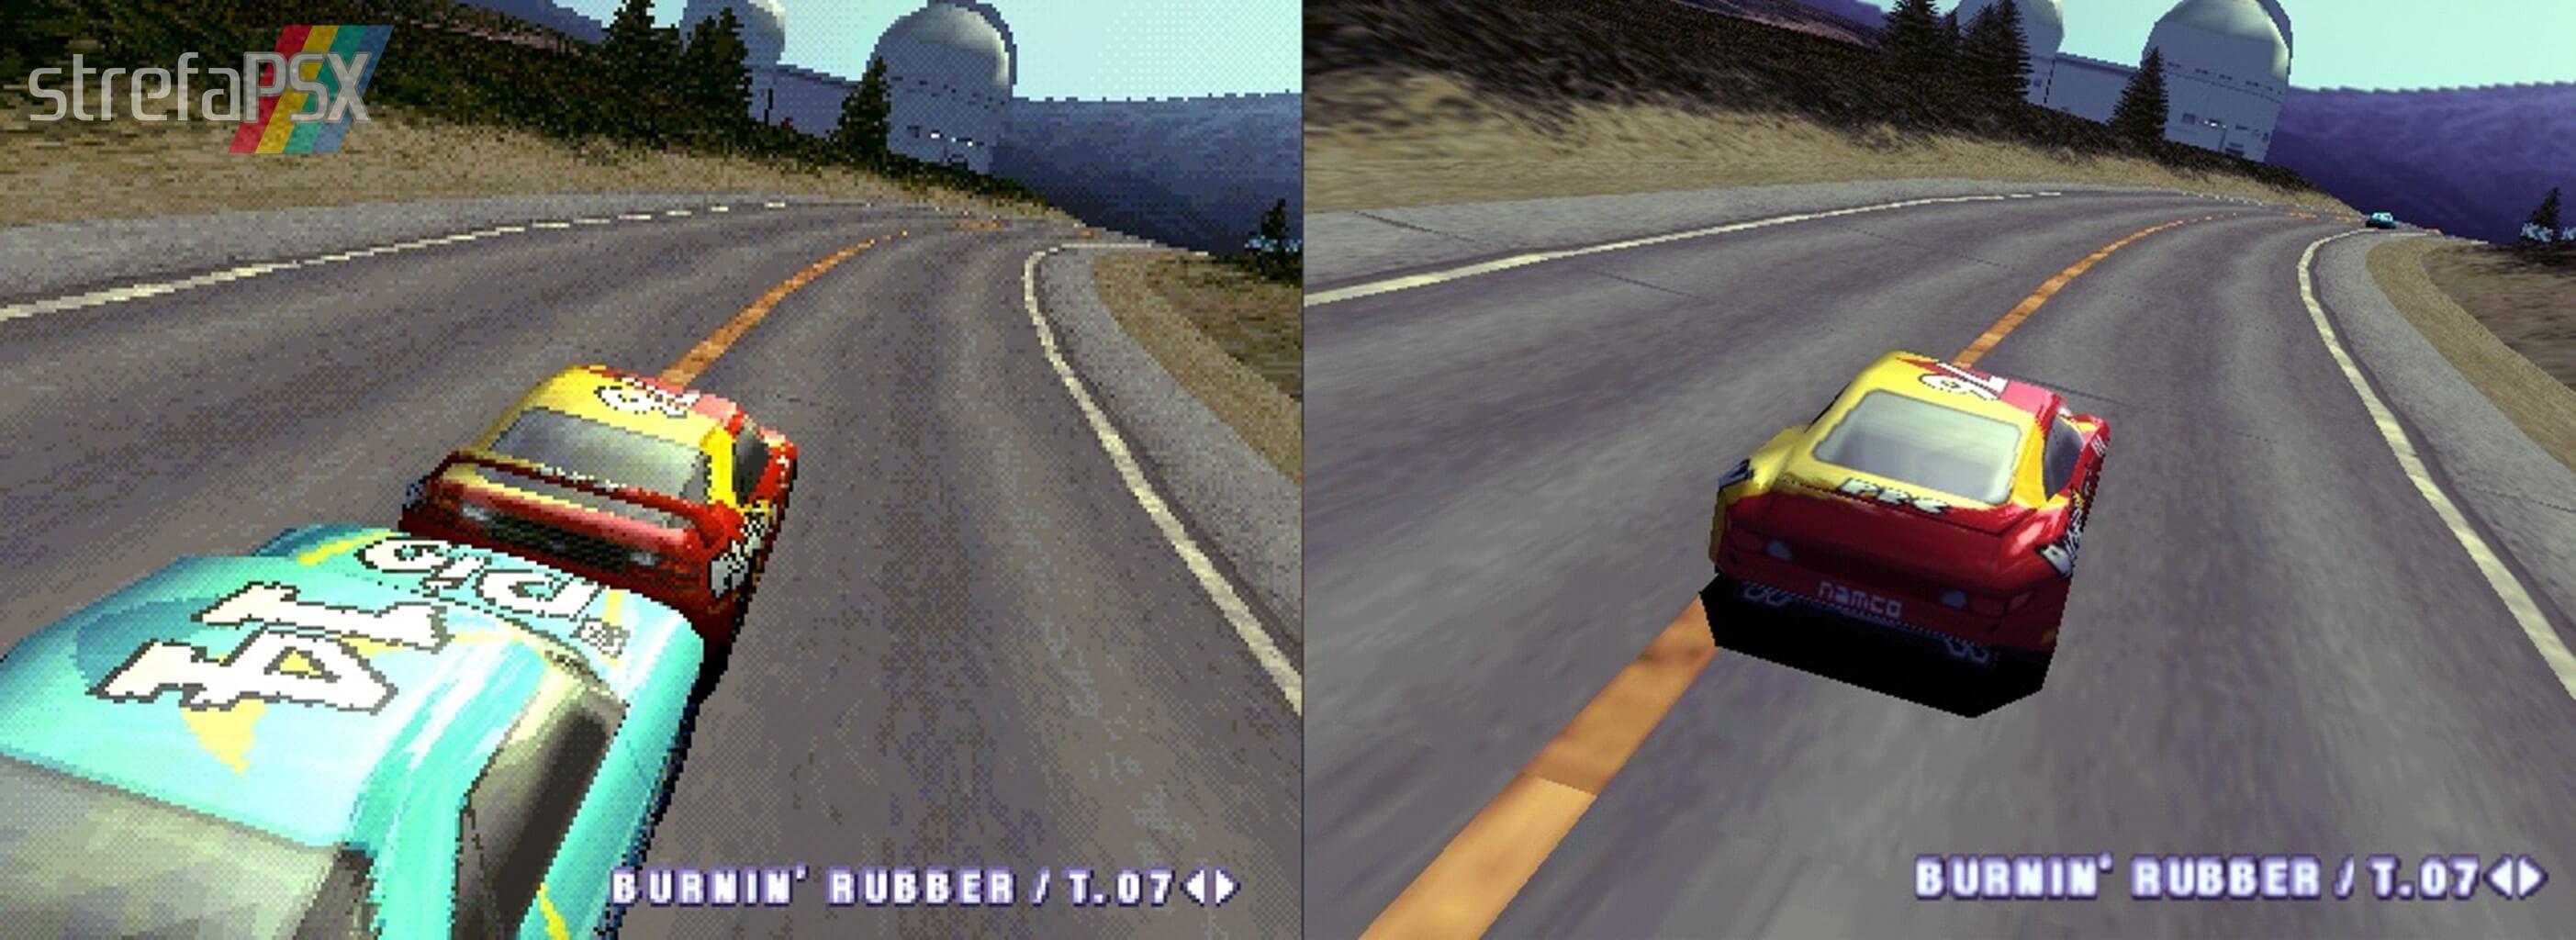 Stworzone przez grafików screeny z Ridge Racer 4 porównujące grafikę z PSX i bleem!